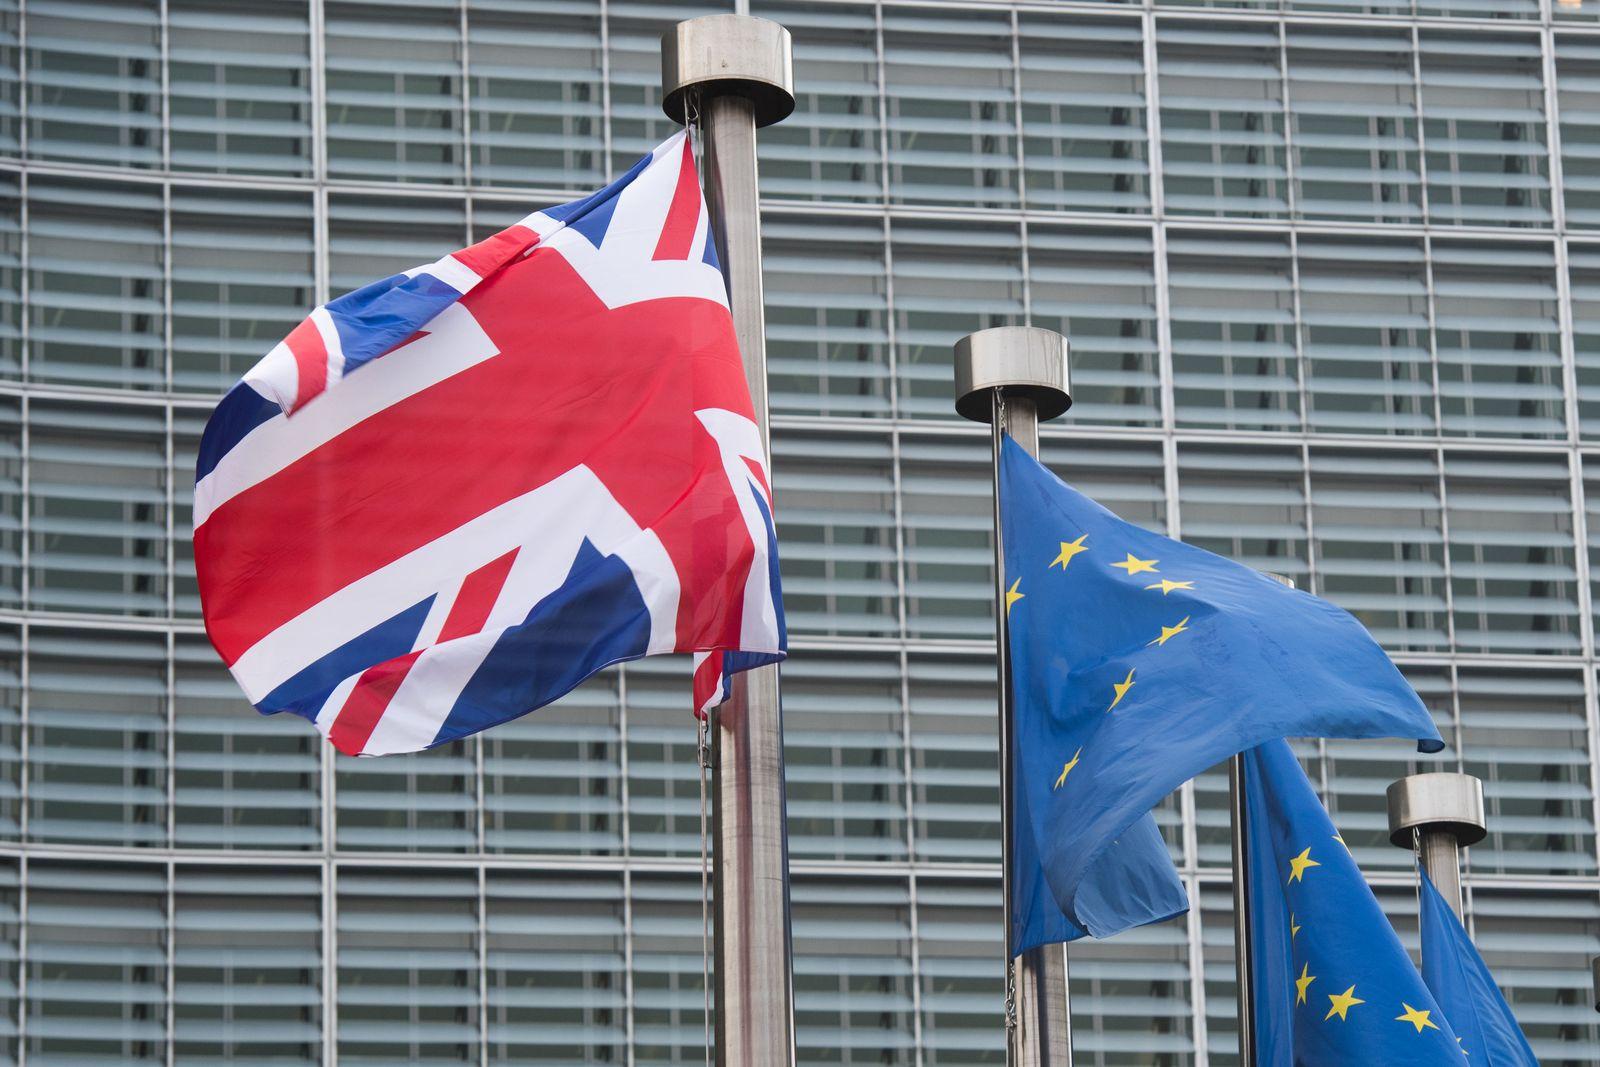 Flaggen vor der EU-Zentrale in Brüssel